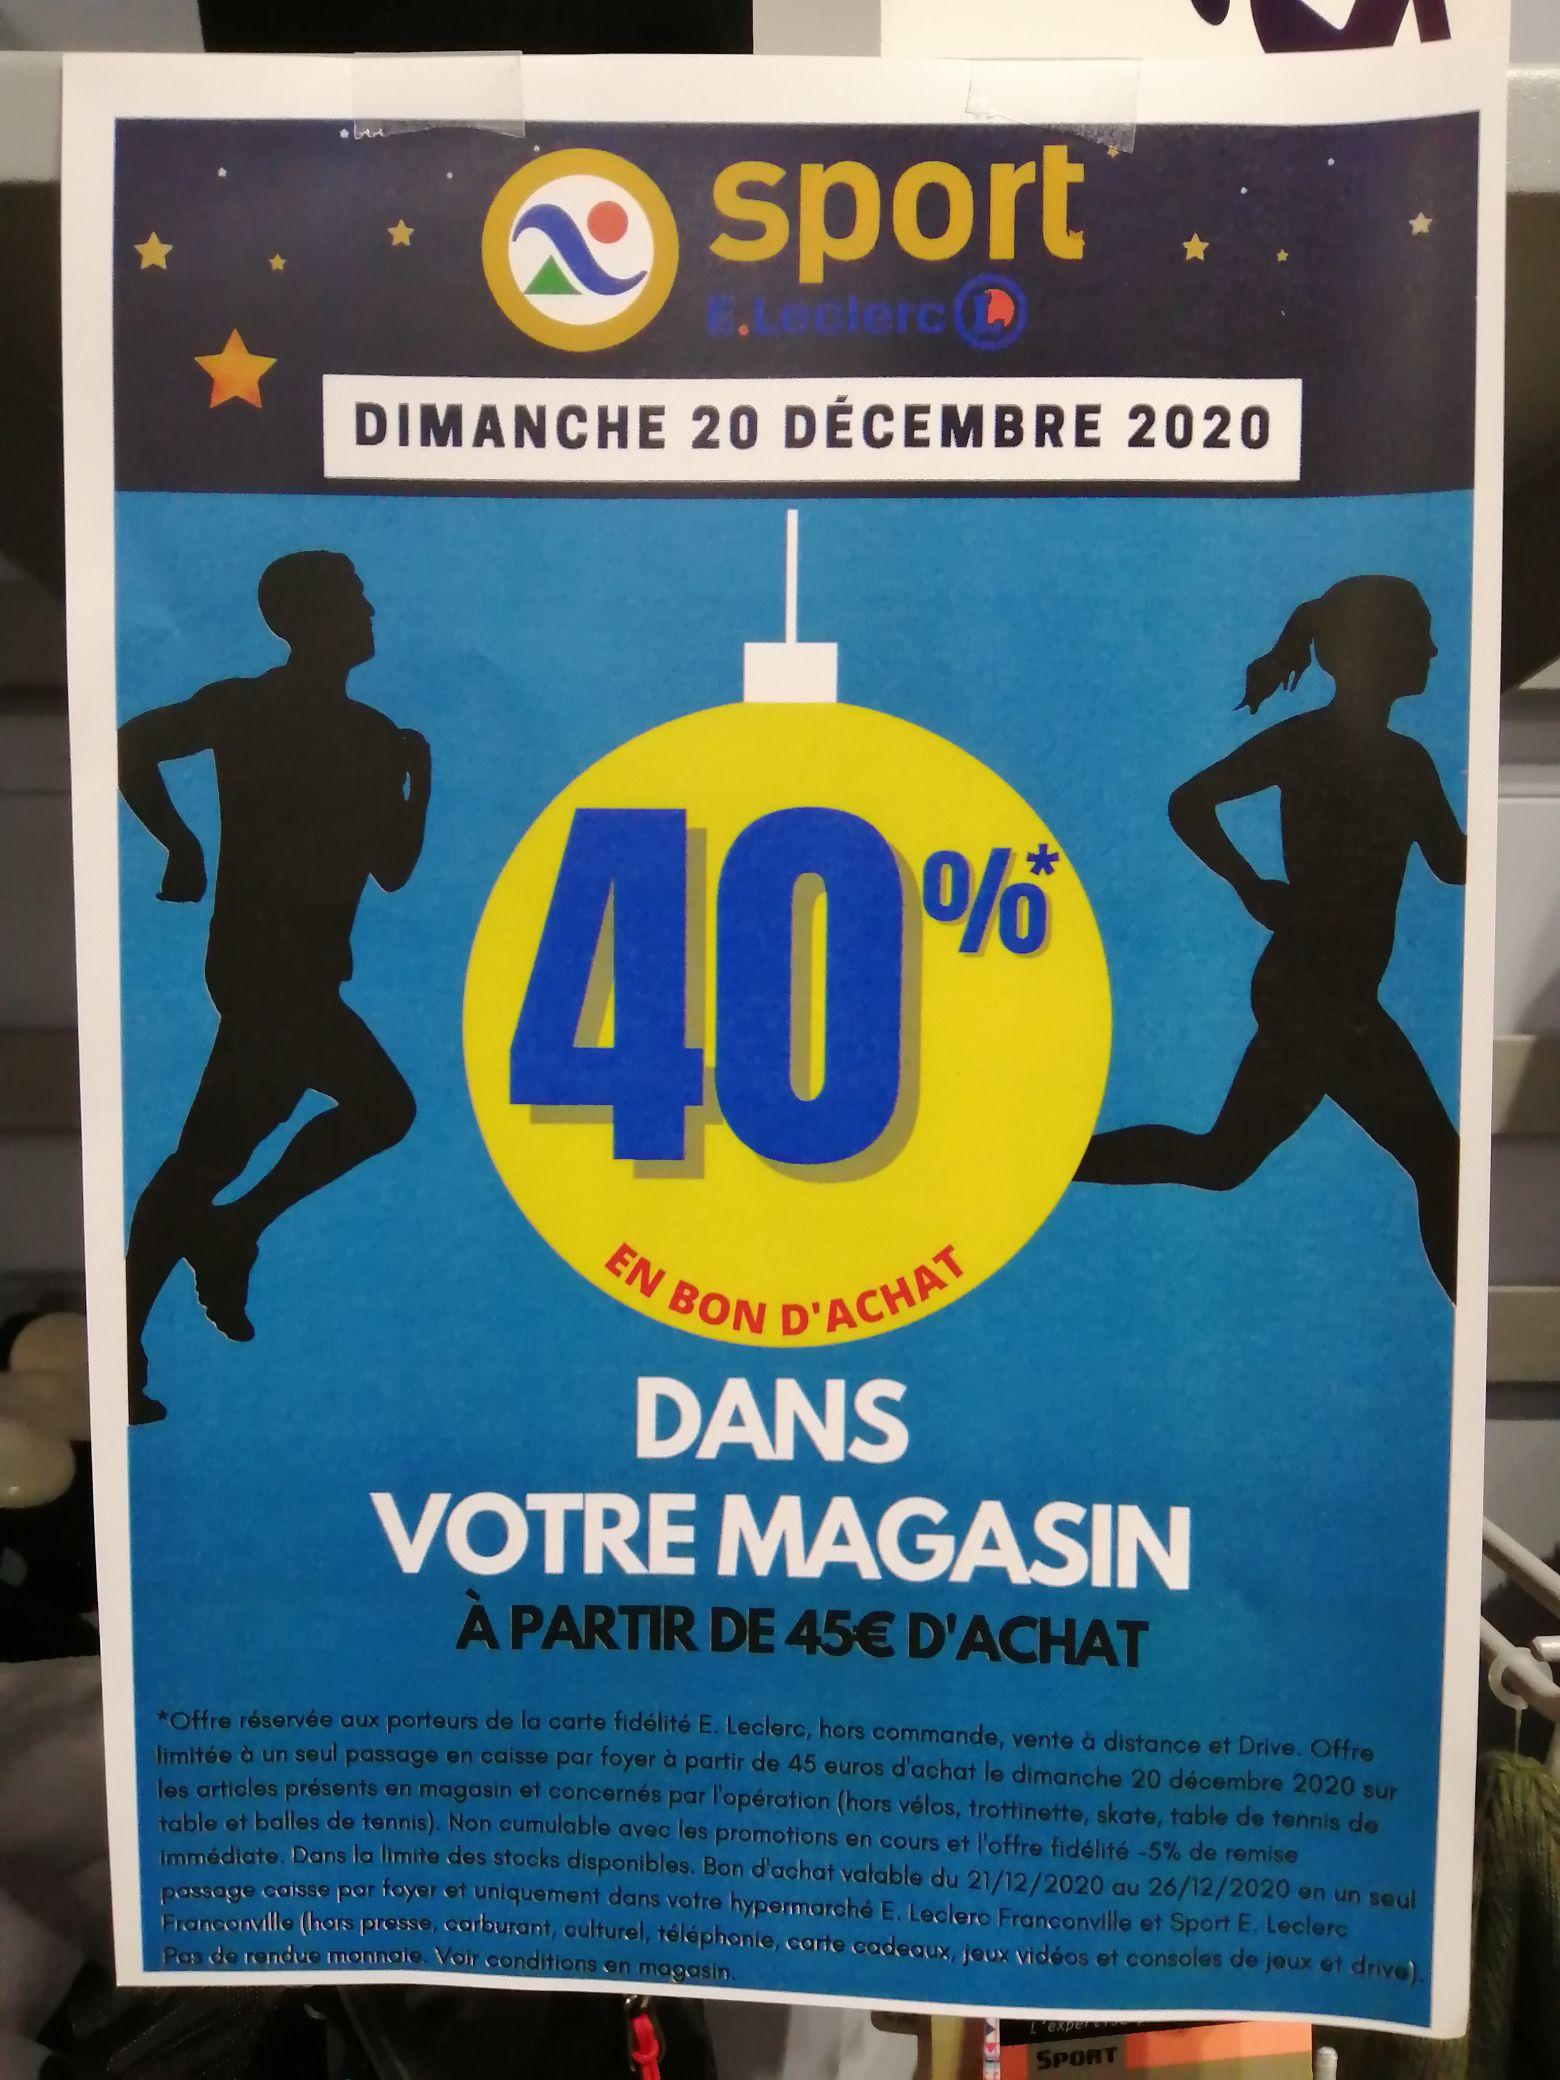 [Porteurs carte fidélité] 40% de réduction offert en bon d'achat dès 45€ d'achat - Leclerc Sport Franconville